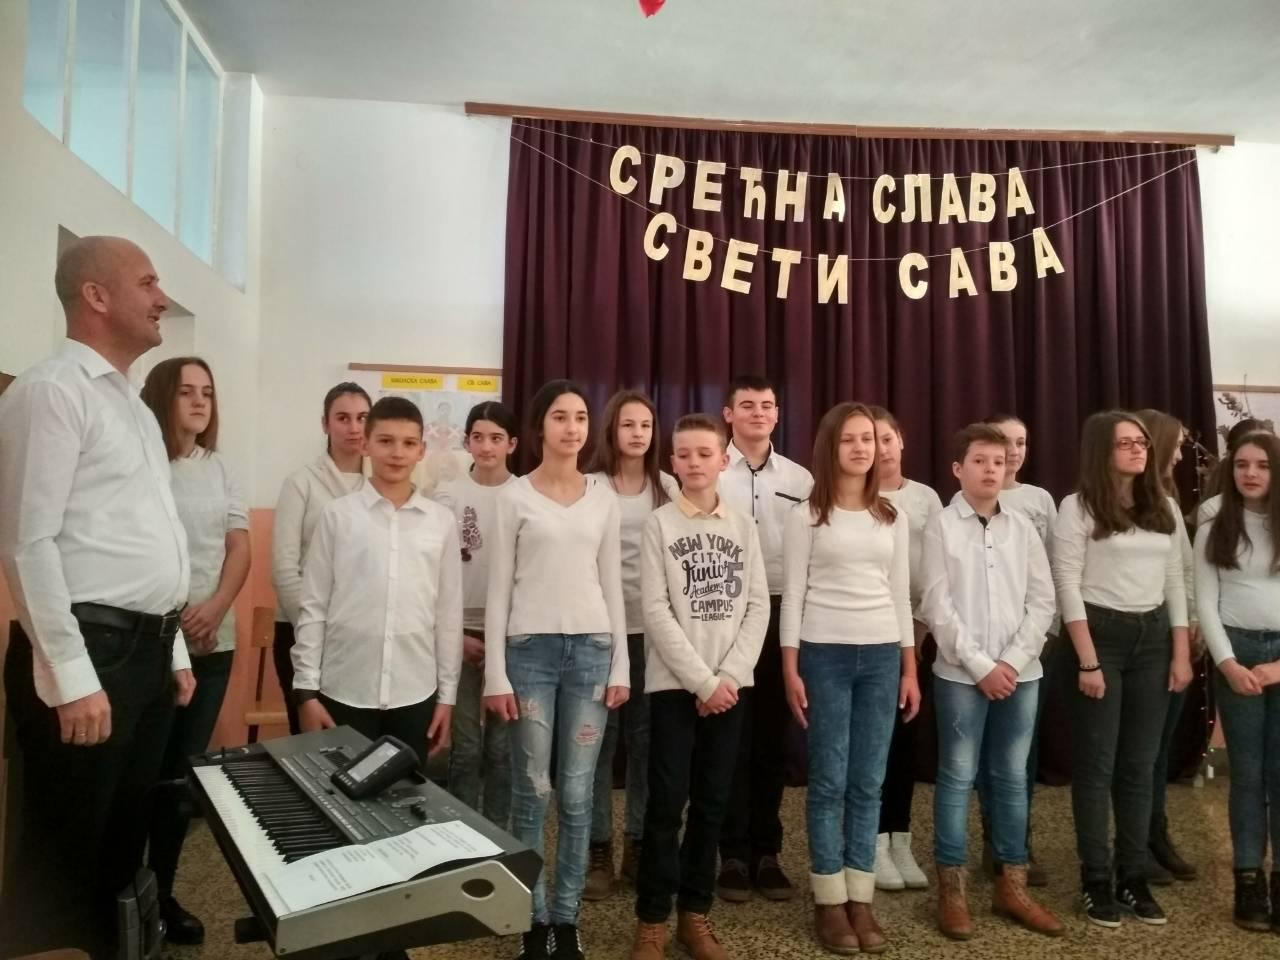 У Бјелајцу прослављена школска слава Свети Сава